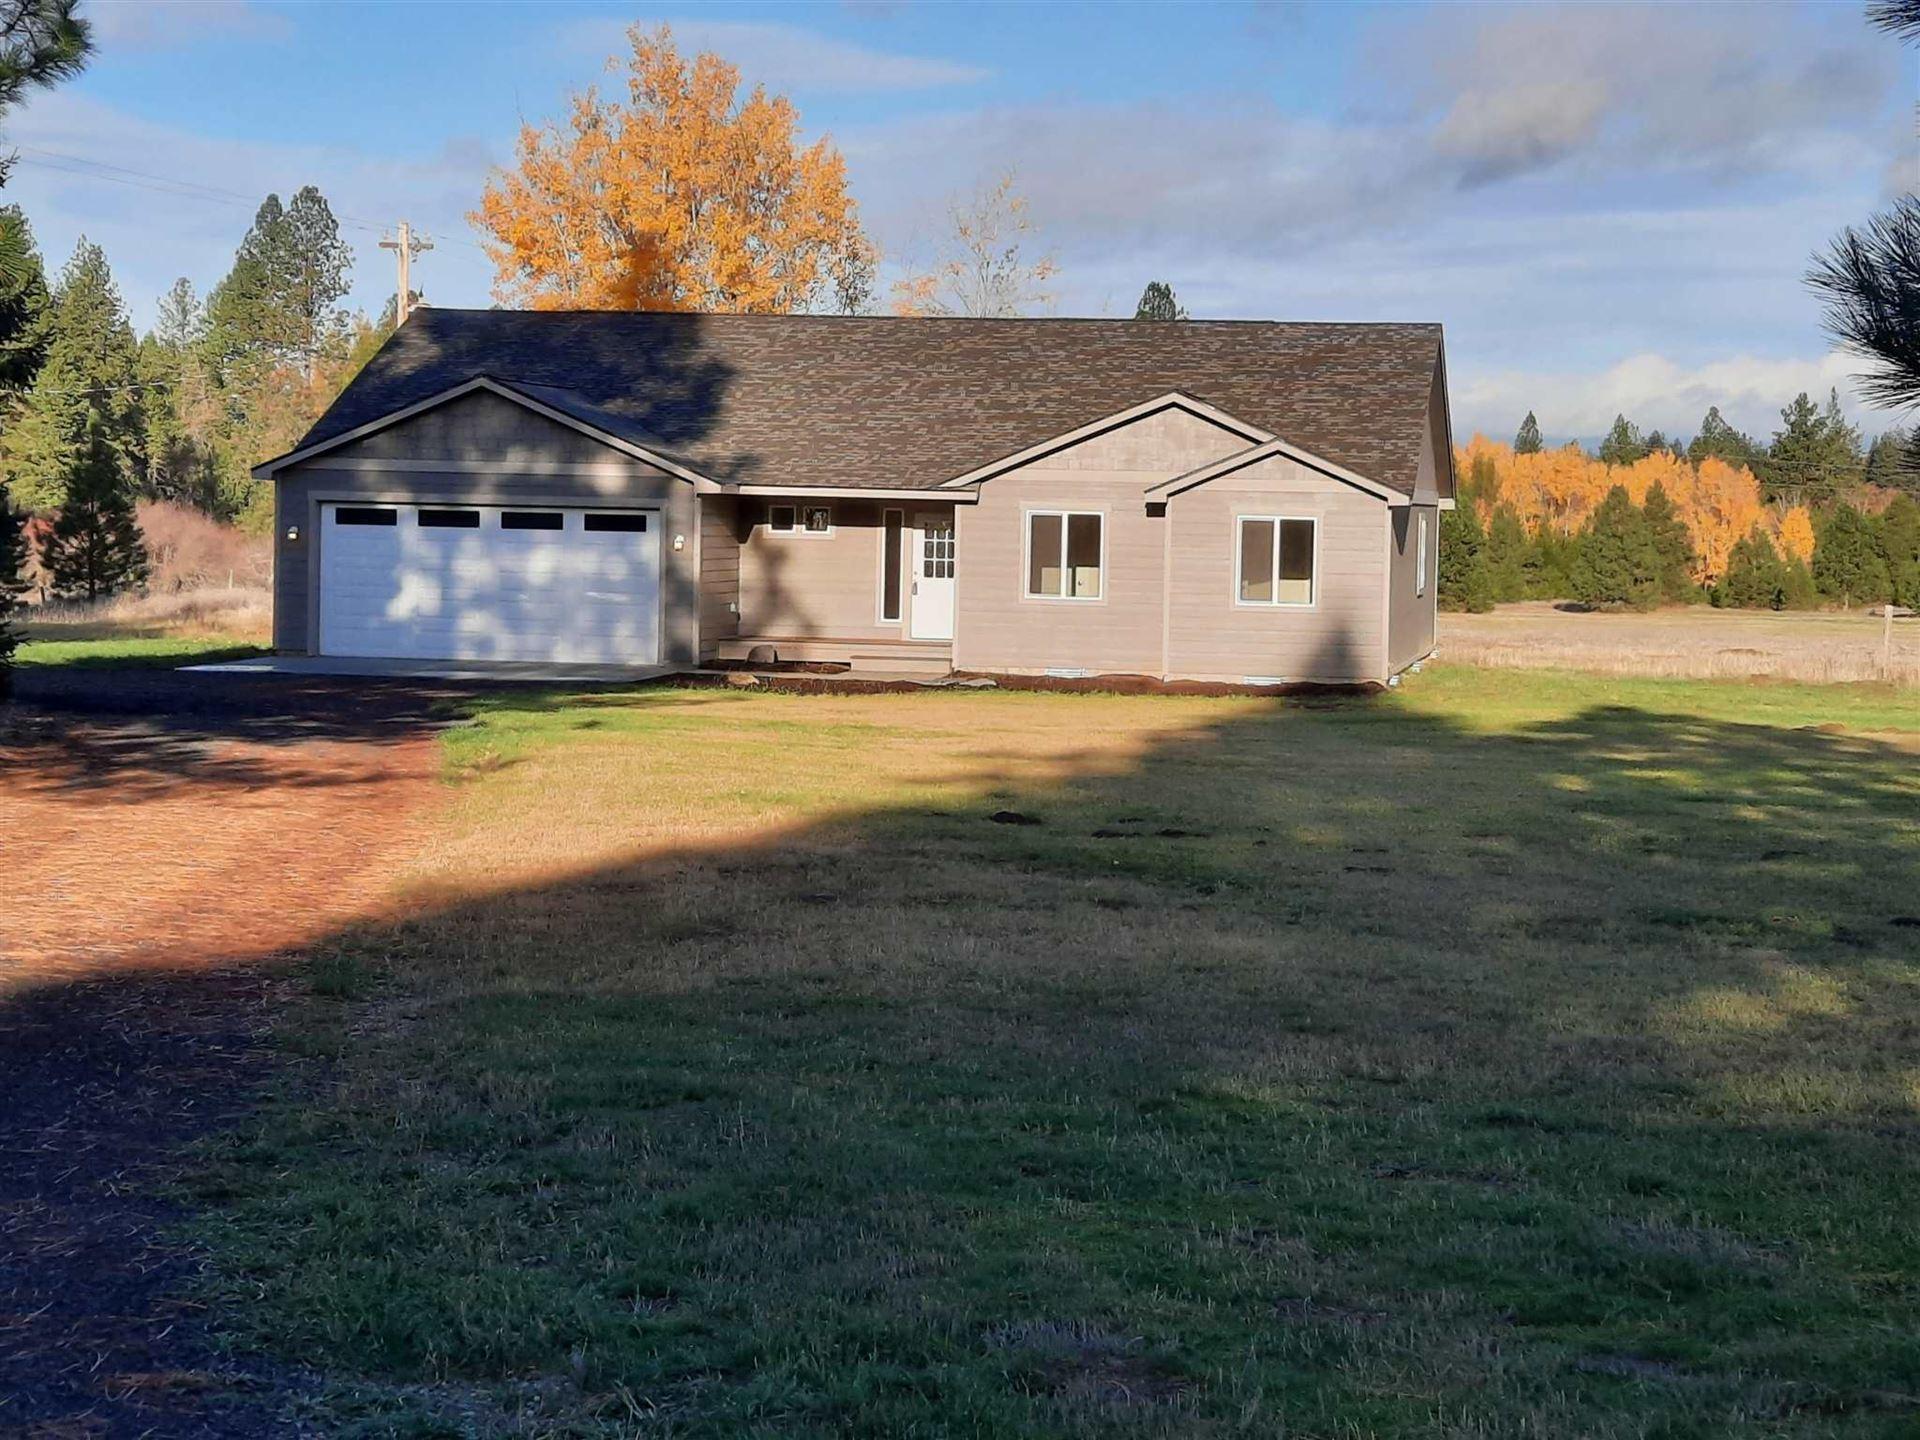 36701 N Conklin Rd, Elk, WA 99009 - #: 202119848